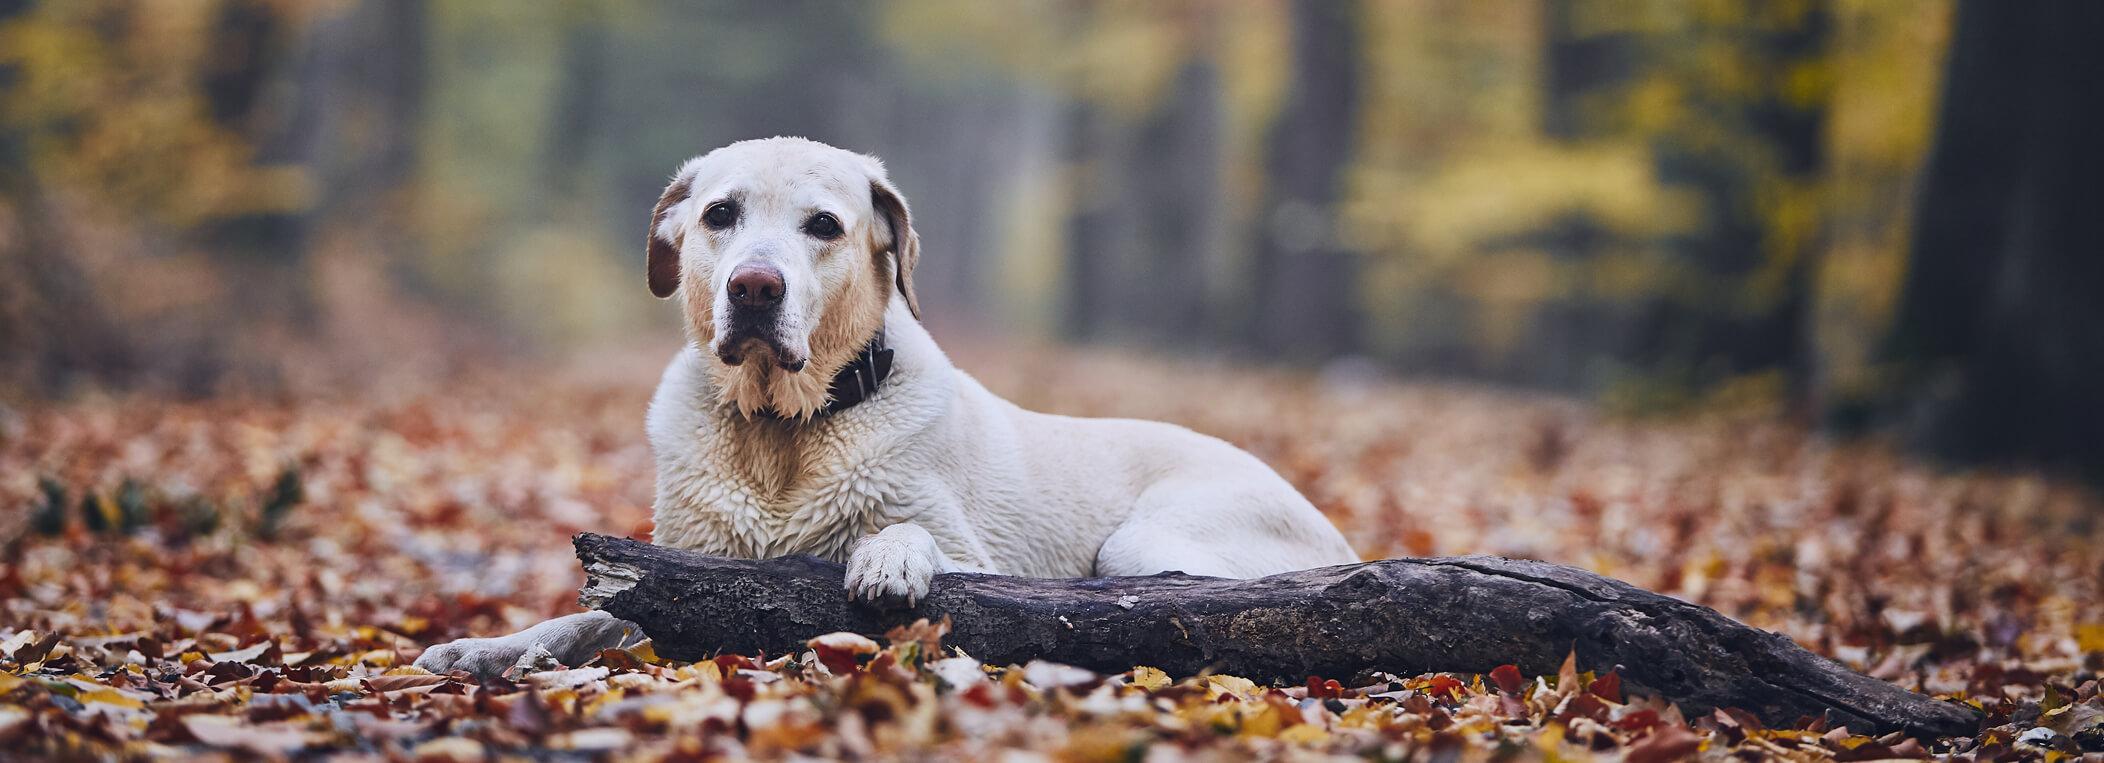 Hund der Rasse Golden Retriever Labrador Misch liegt im Wald und hat eine Pfote auf einem alten Stück Holz. Der Hund ist nass und friert.